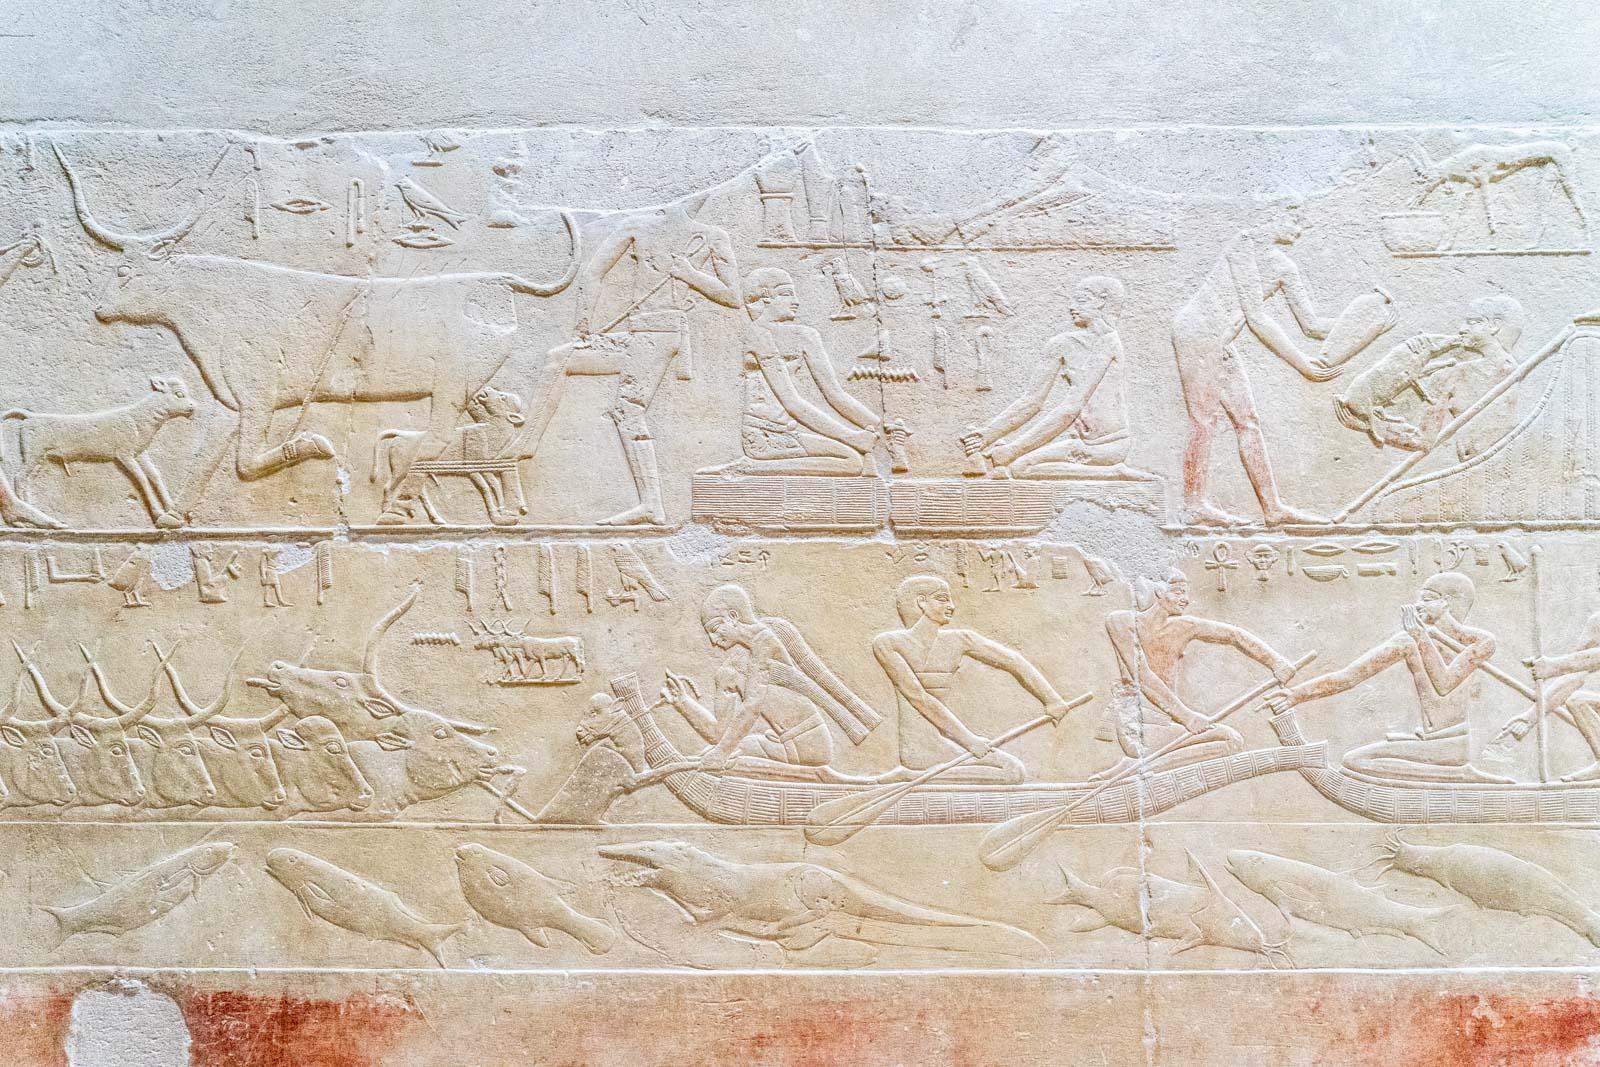 Tomb of Kagemni, Saqqara, Egypt